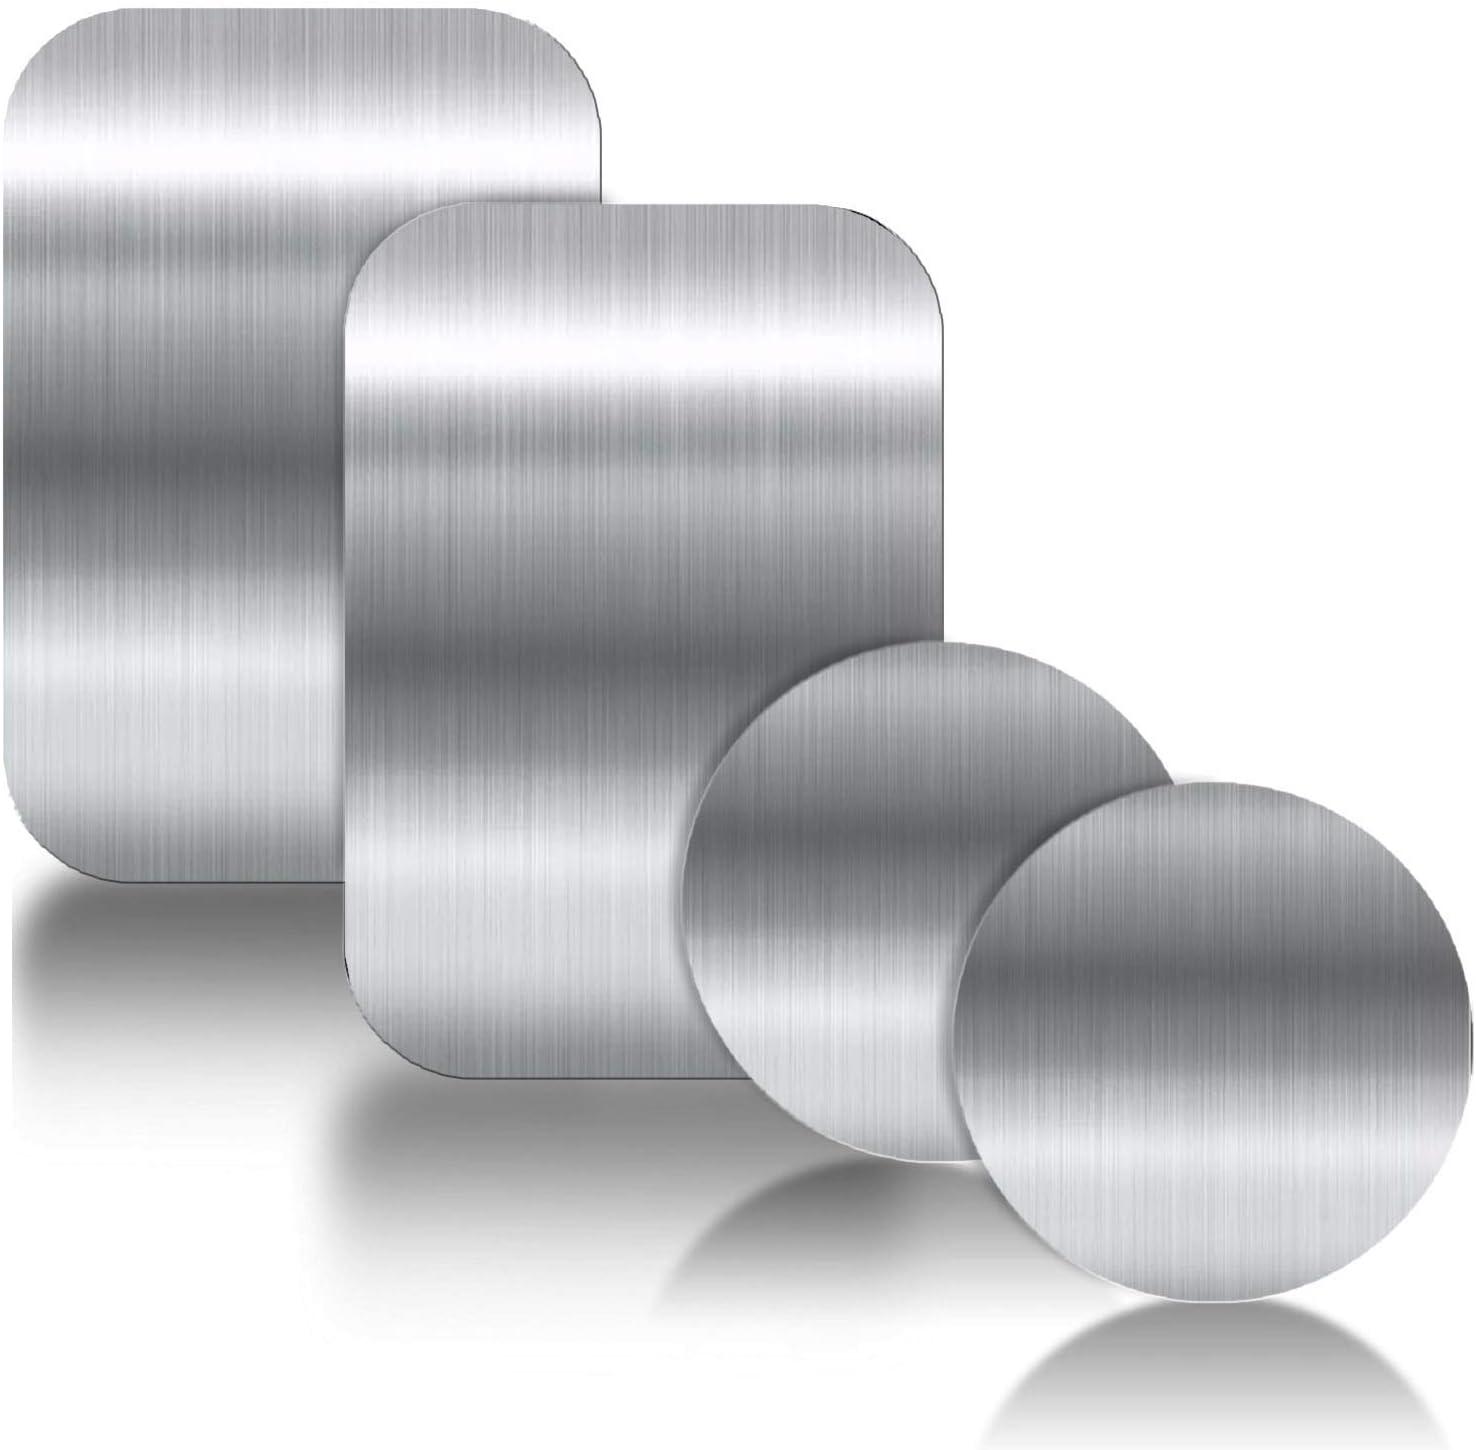 Ygkj 3m Kleber Metallplatte 4 Stück Metallplättchen Selbstklebend Set Für Magnet Kfz Handyhalter Fürs Auto Sehr